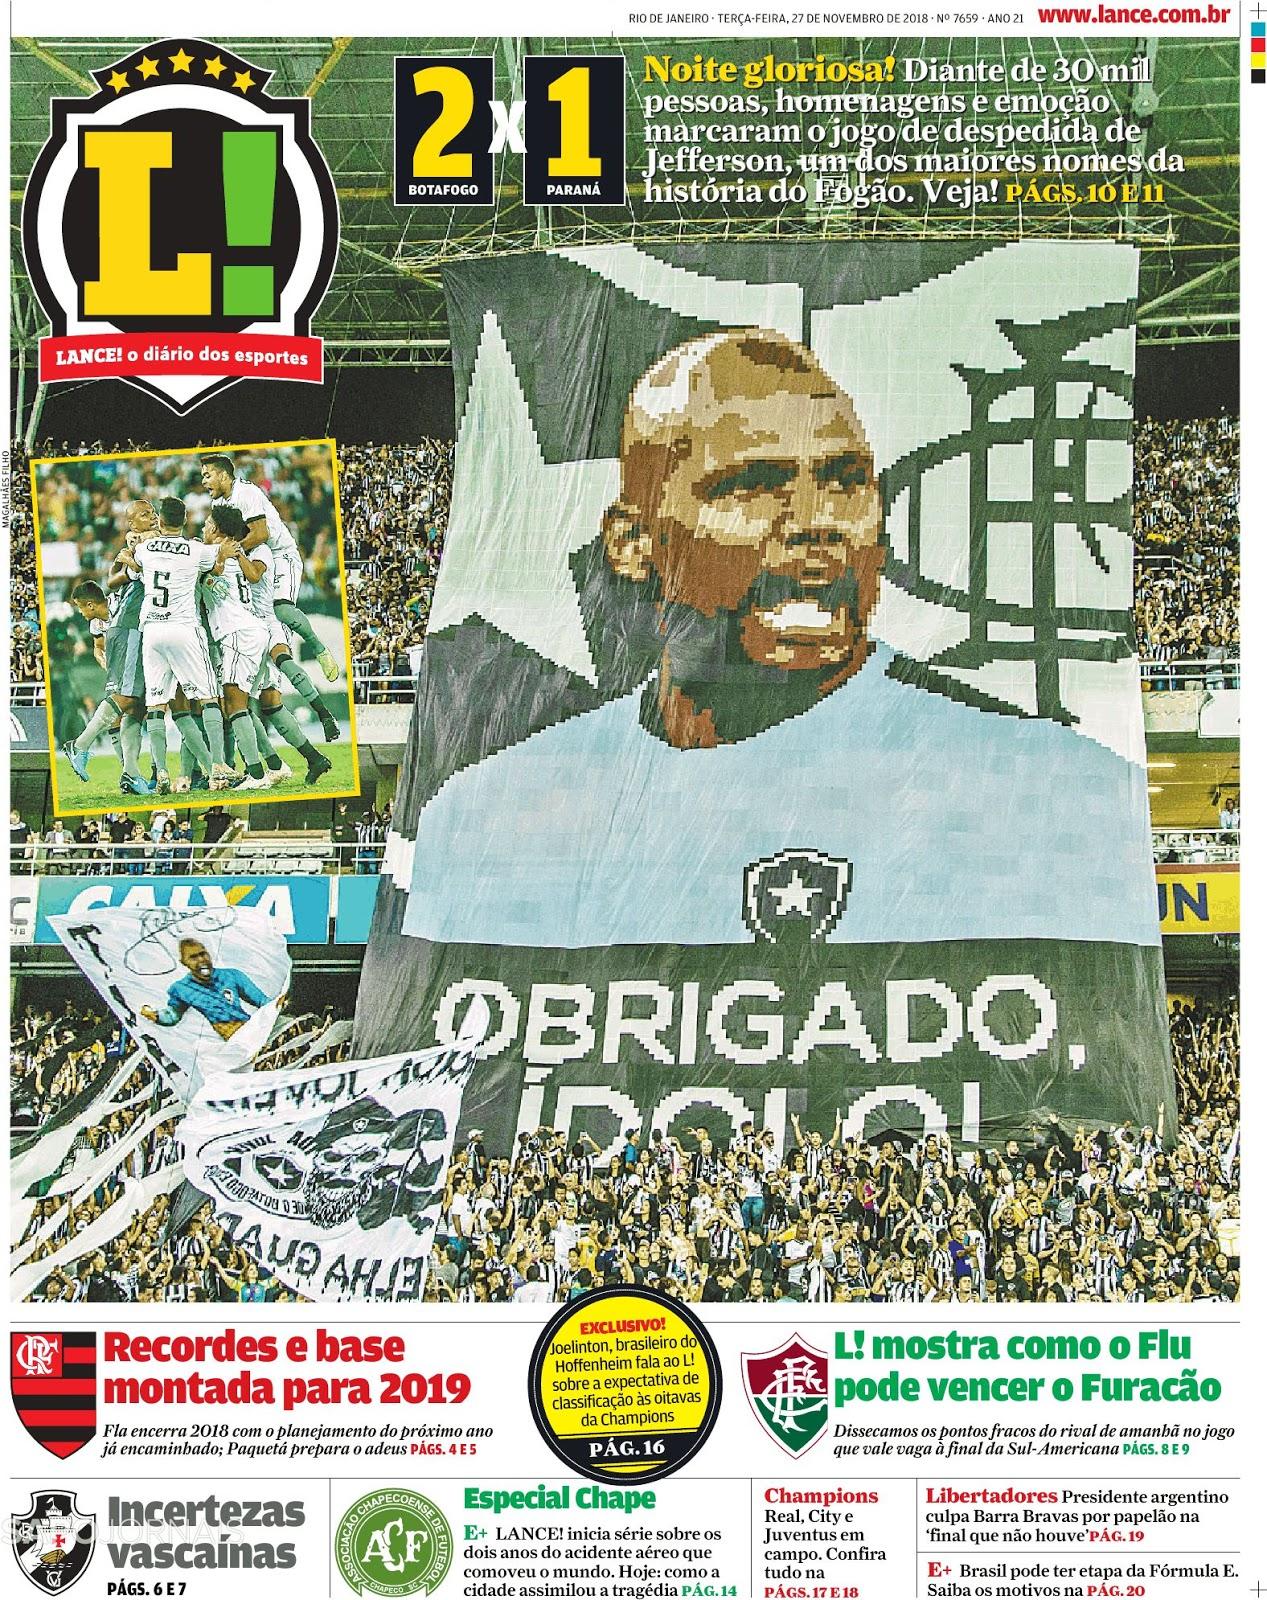 8a6906d331 Botafogo supera Paraná na despedida do goleiro Jefferson